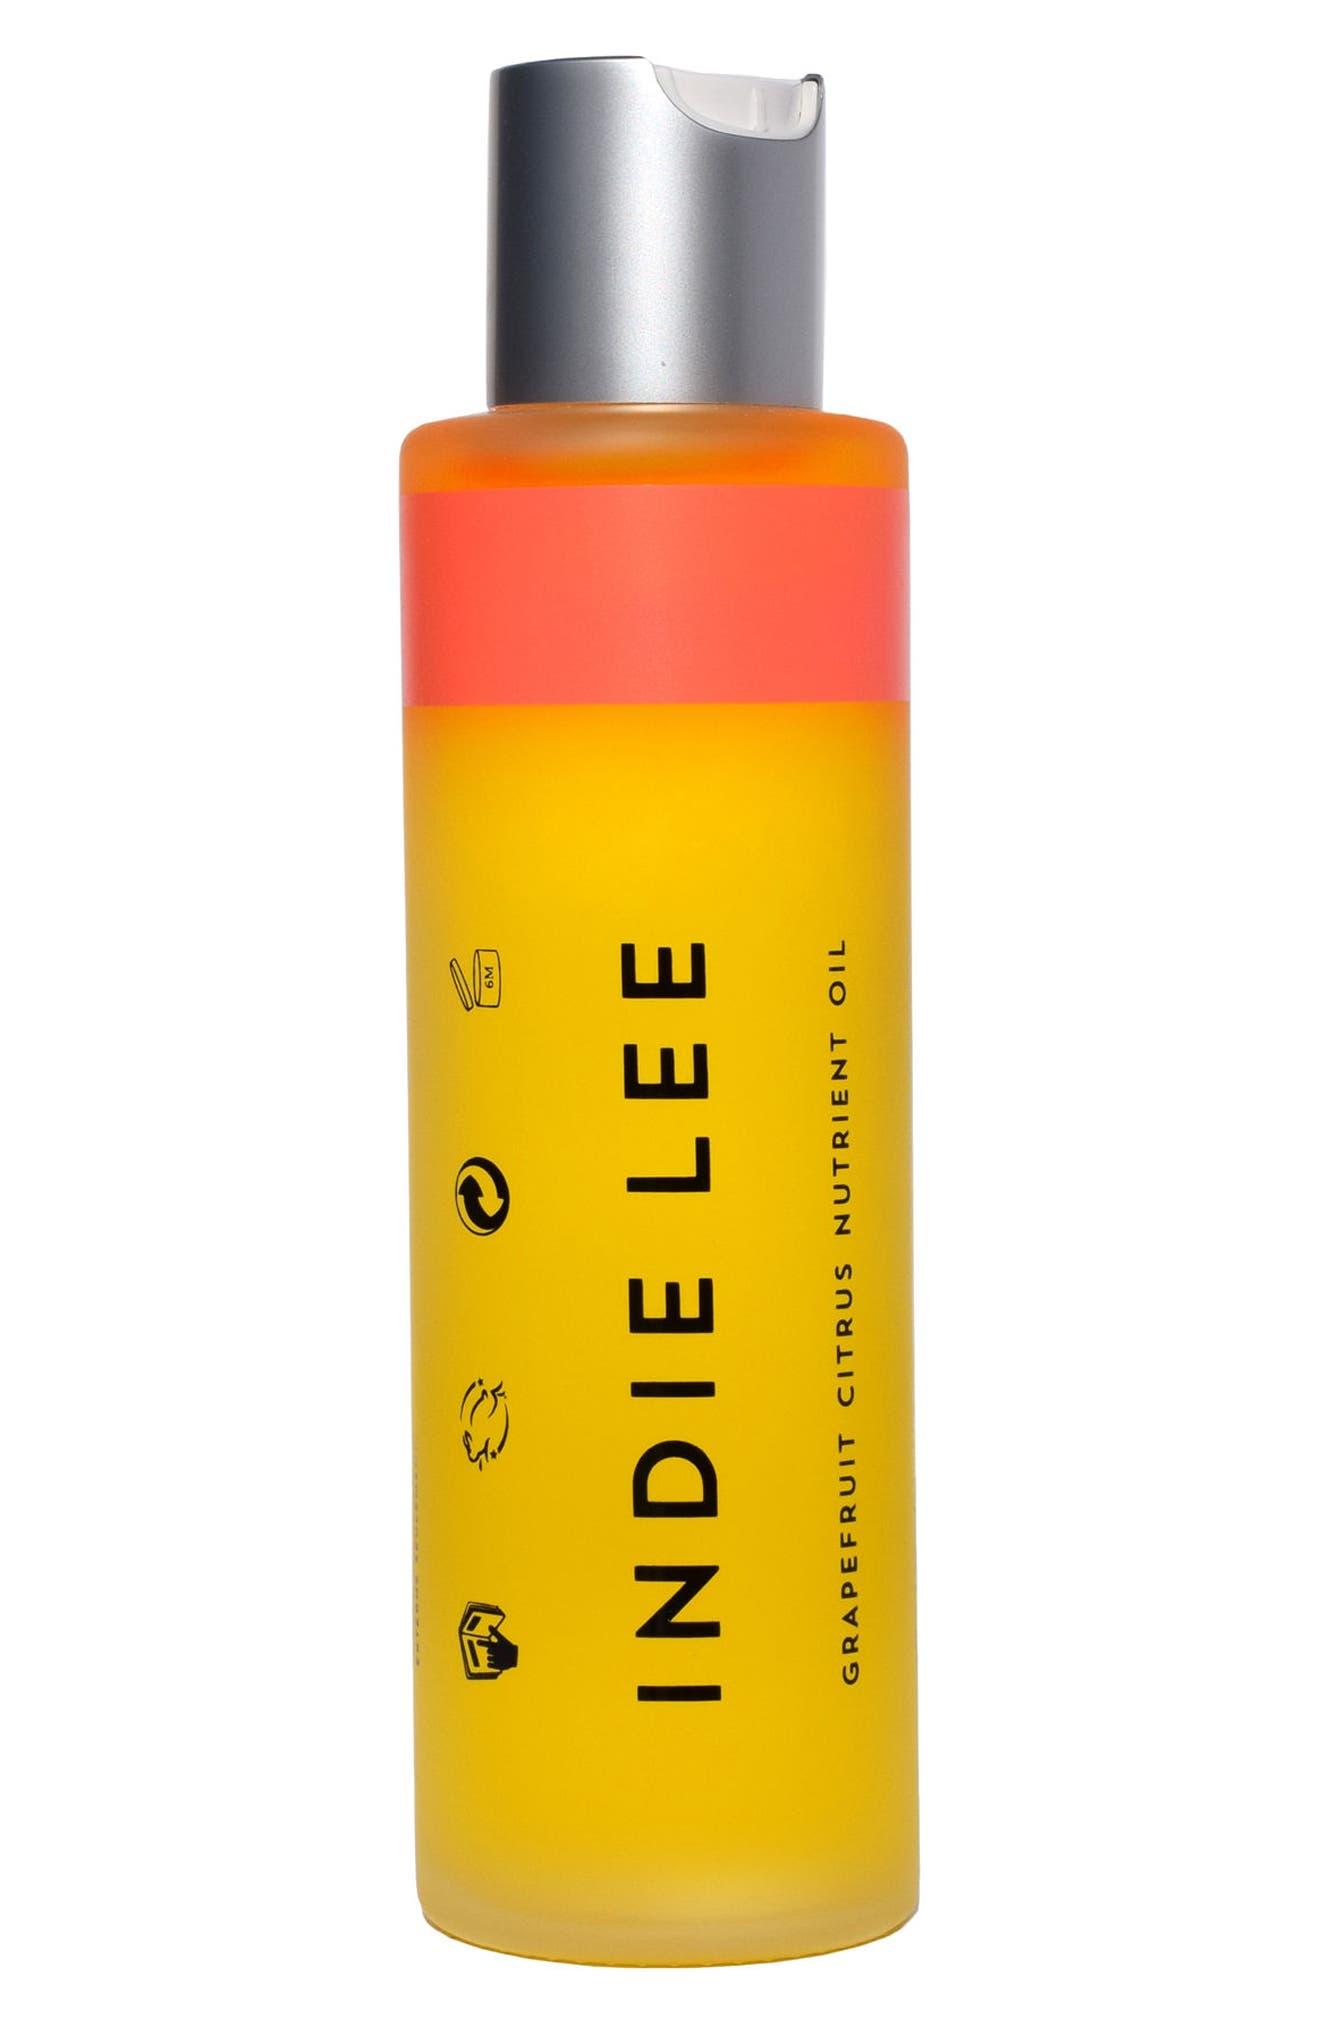 Alternate Image 1 Selected - Indie Lee Grapefruit Citrus Nutrient Oil